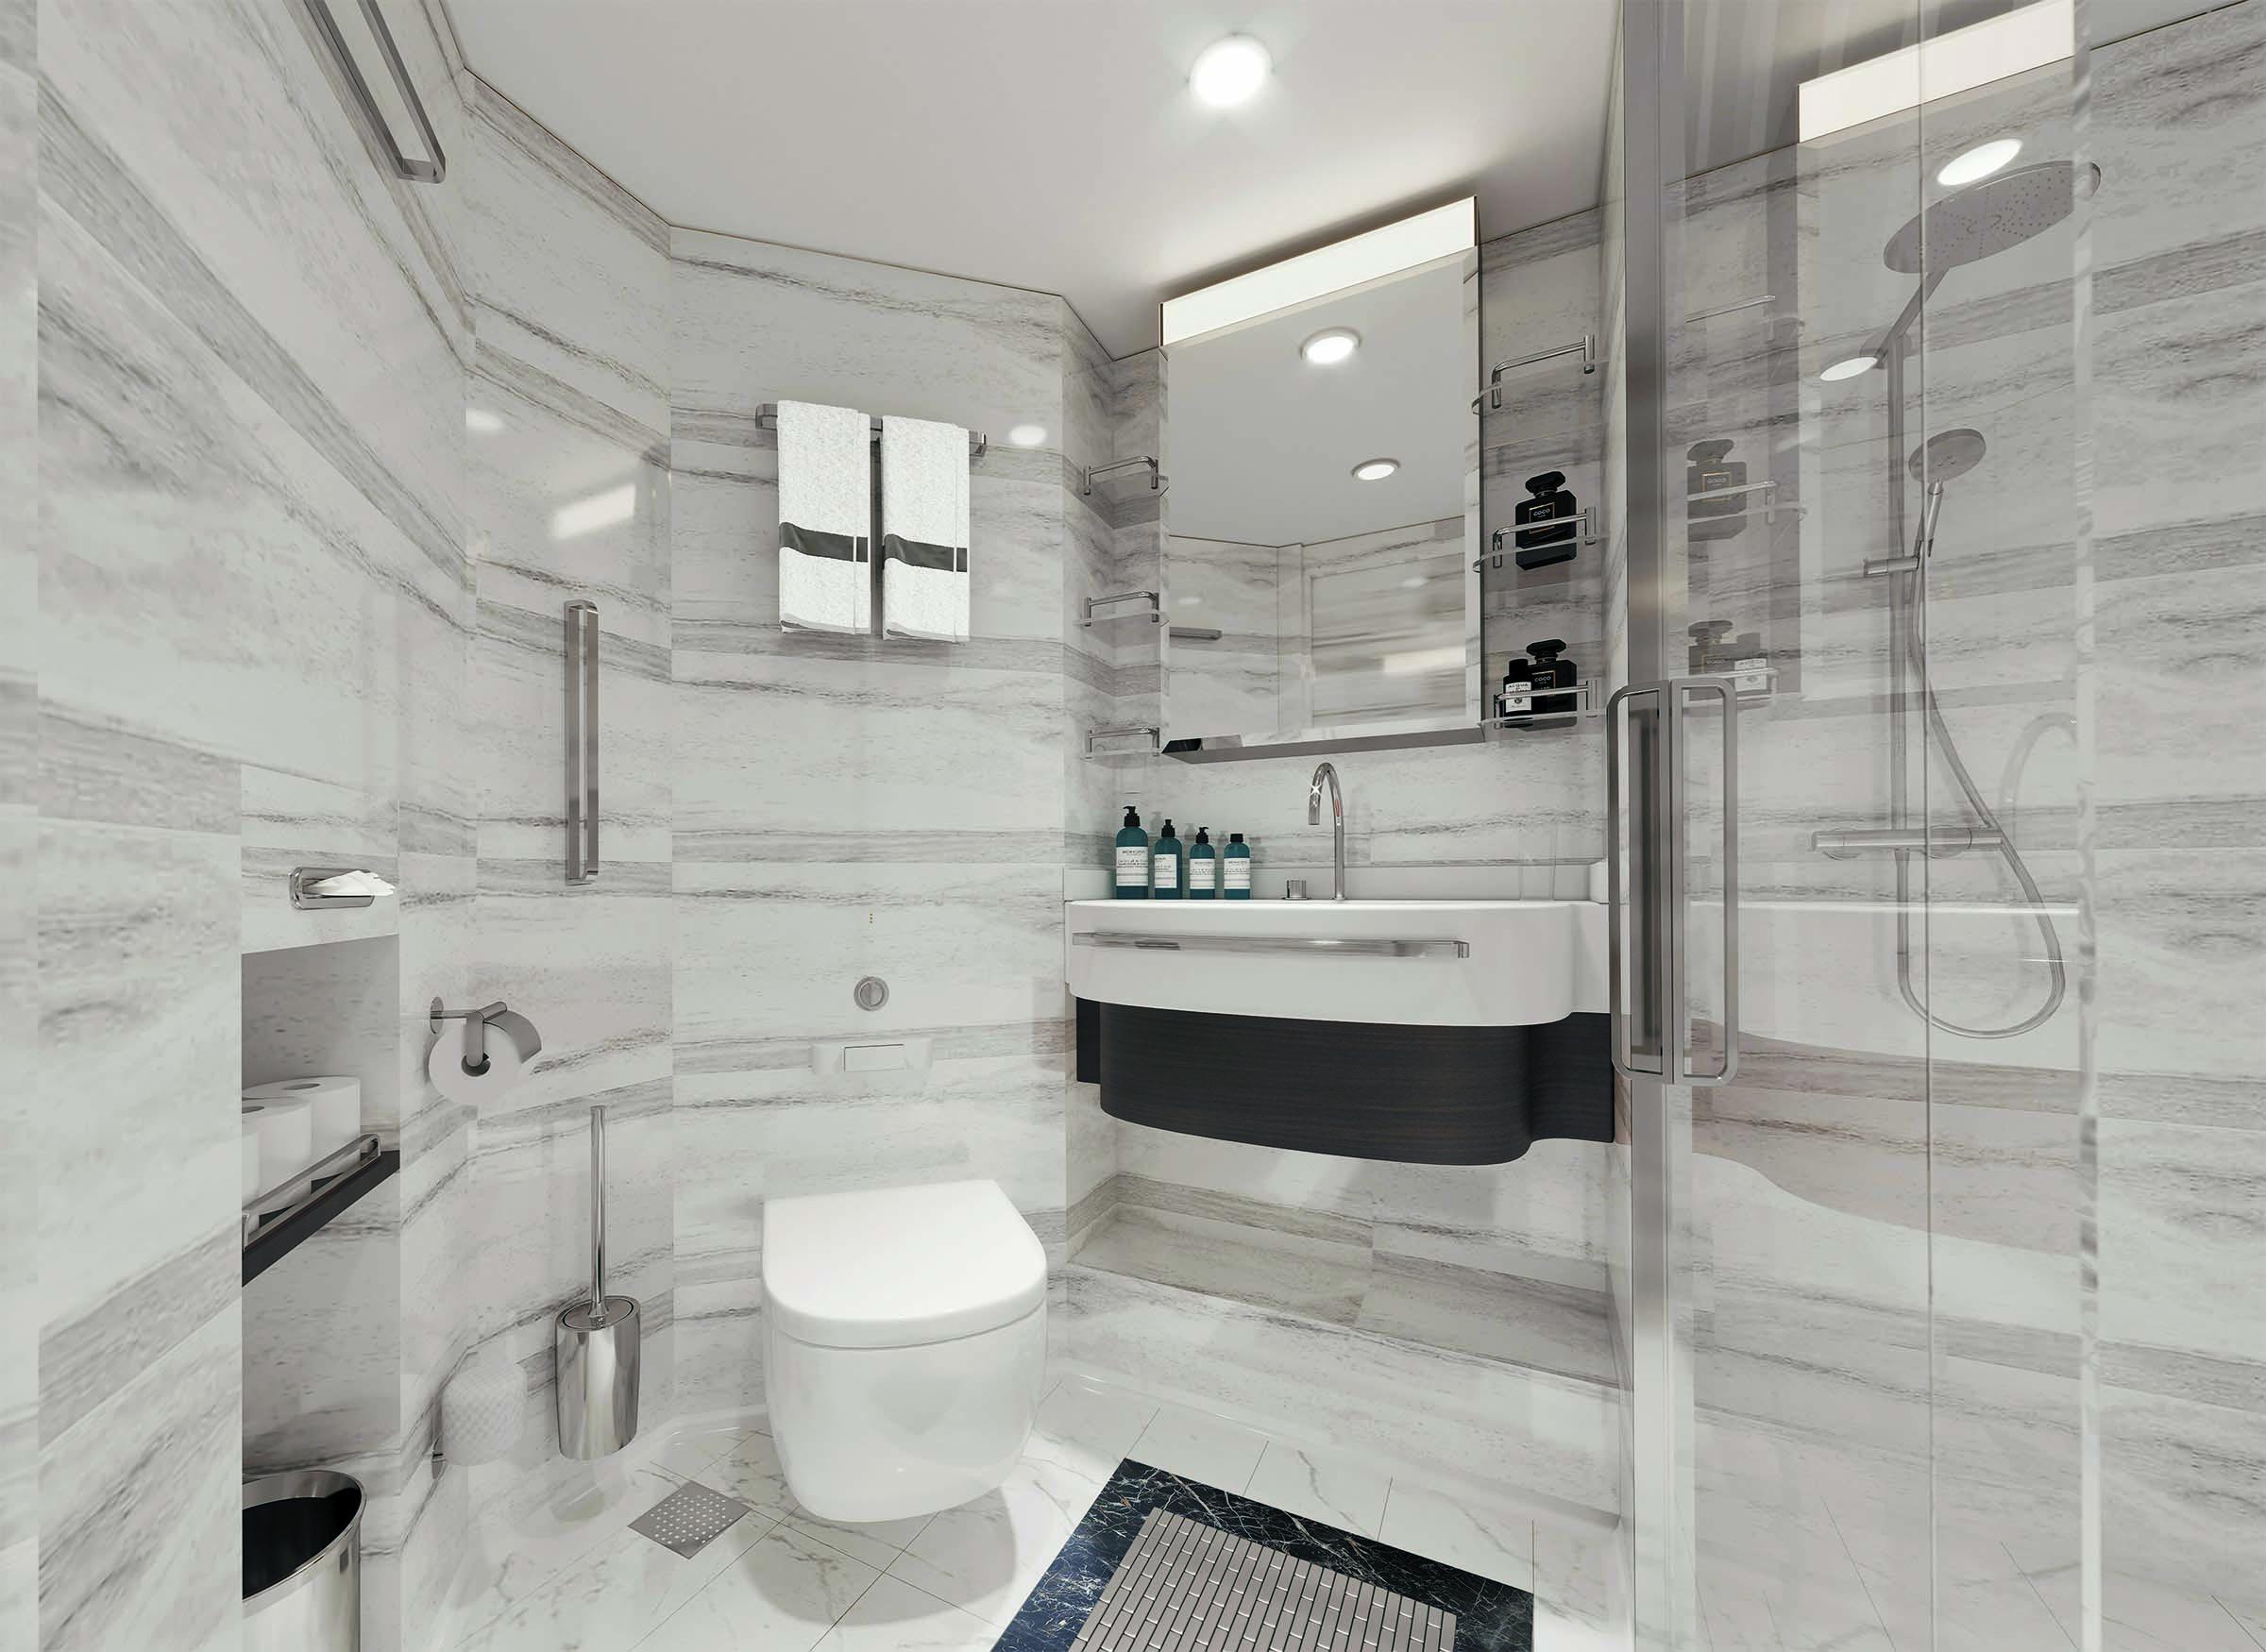 Seven Seas Splendor - Badezimmer Deluxe Suite